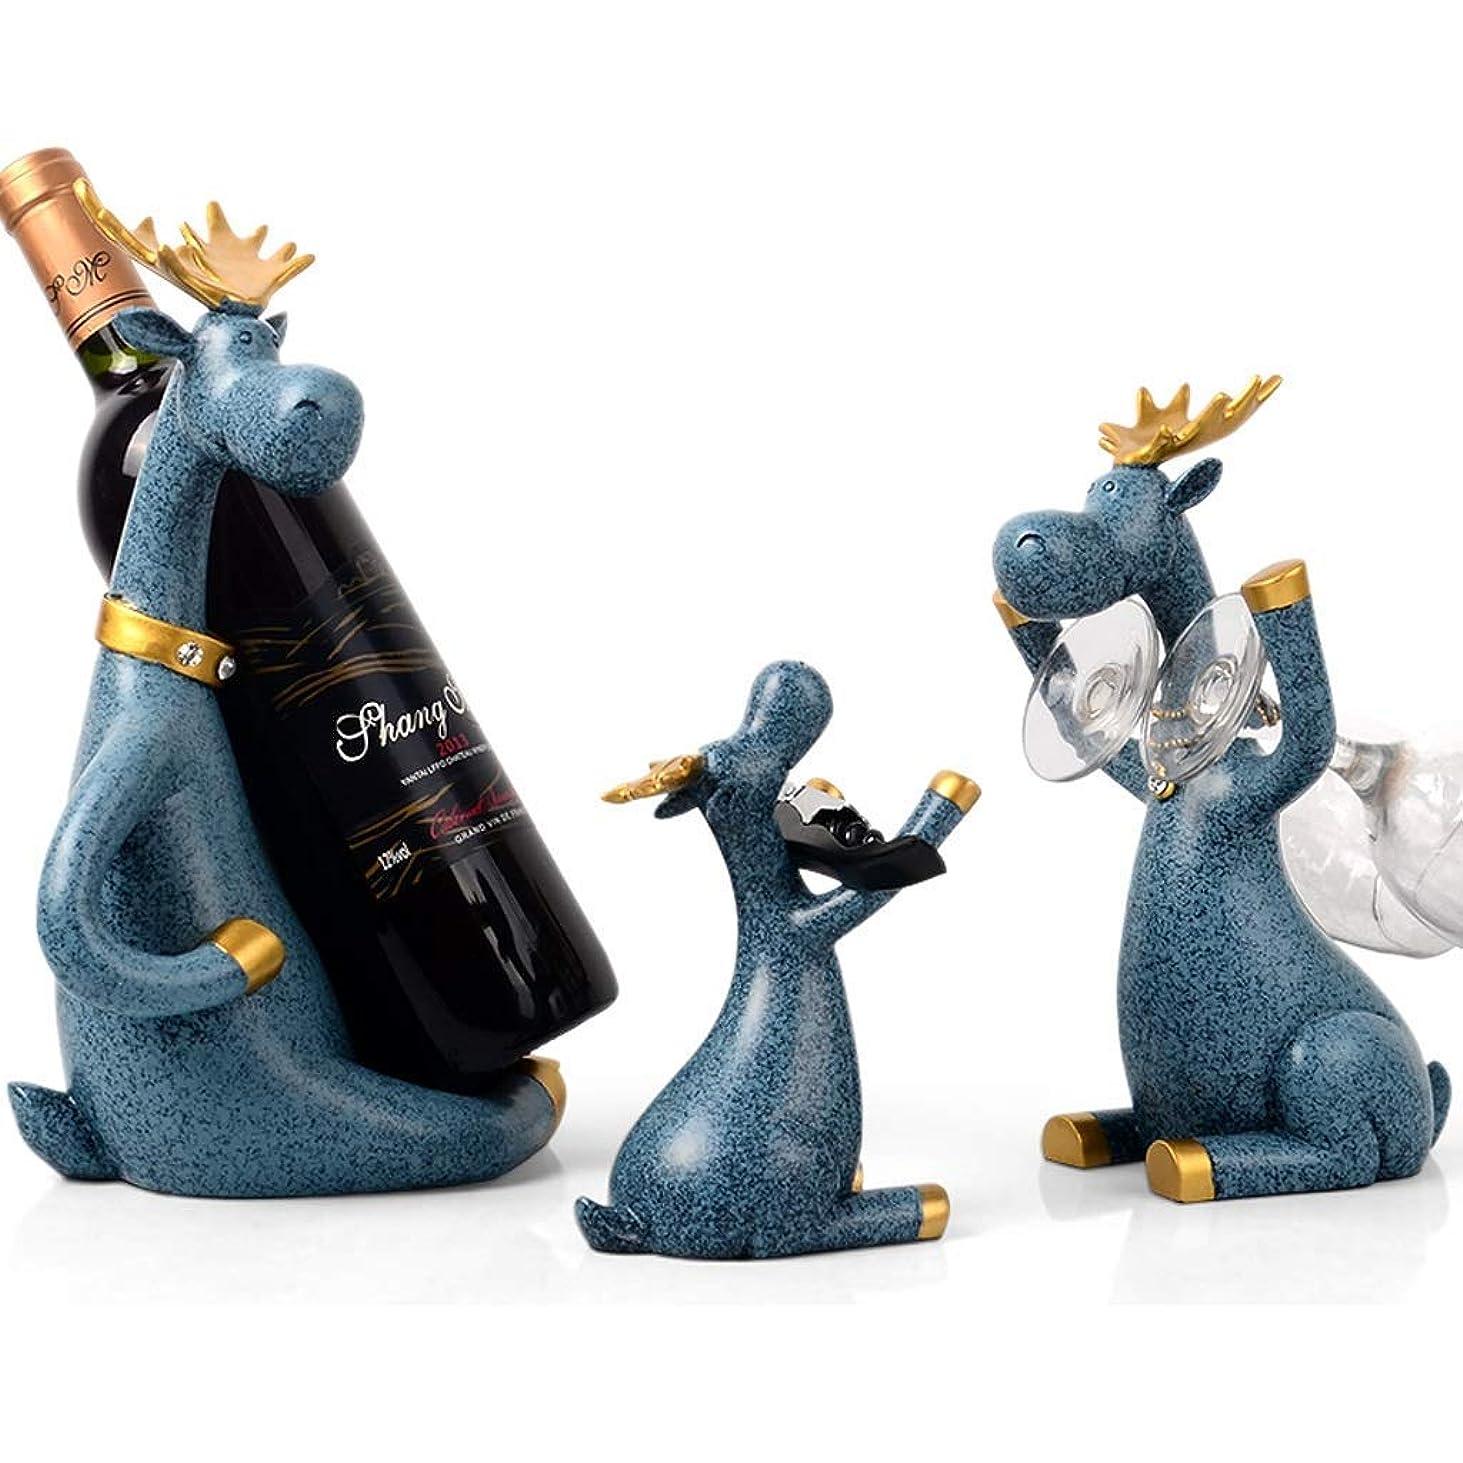 ミット予測子ジャベスウィルソン自立型卓上ワインボトルとガラス脚付きグラスホルダー - ボトルストッパーのコルクオープナーホルダー、ワイン愛好家のための最高の贈り物、3個のワインアクセサリーセット、鹿の家族(色:A)